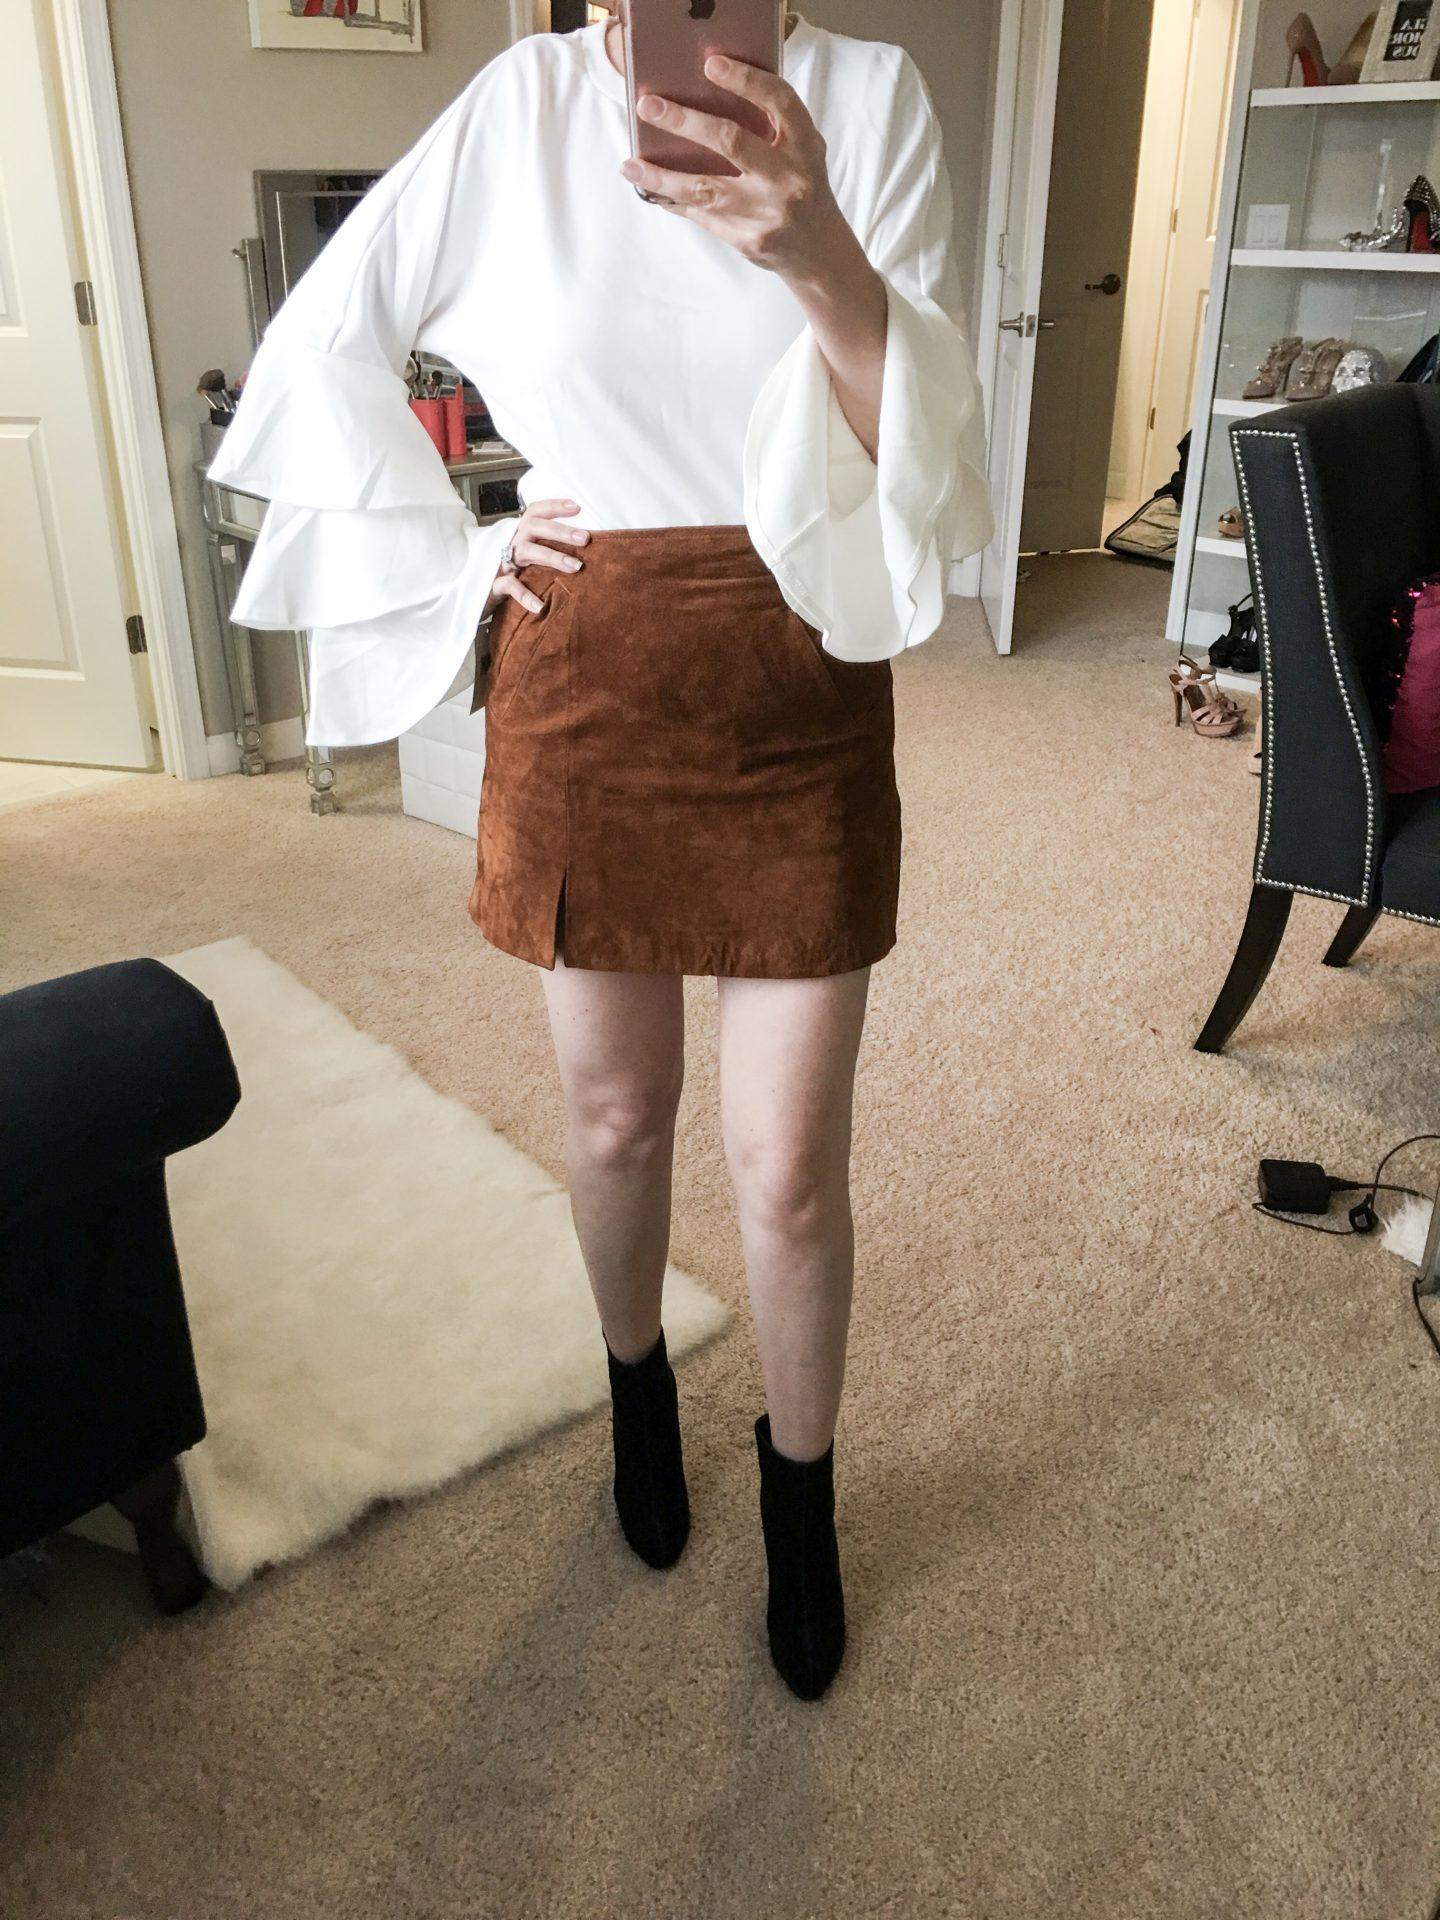 nordstrom anniversary sale: dressing room diaries, BLANKNYC suede mini skirt, Chelsea28 bell sleeve poplin top, Steve madden effect block heel bootie